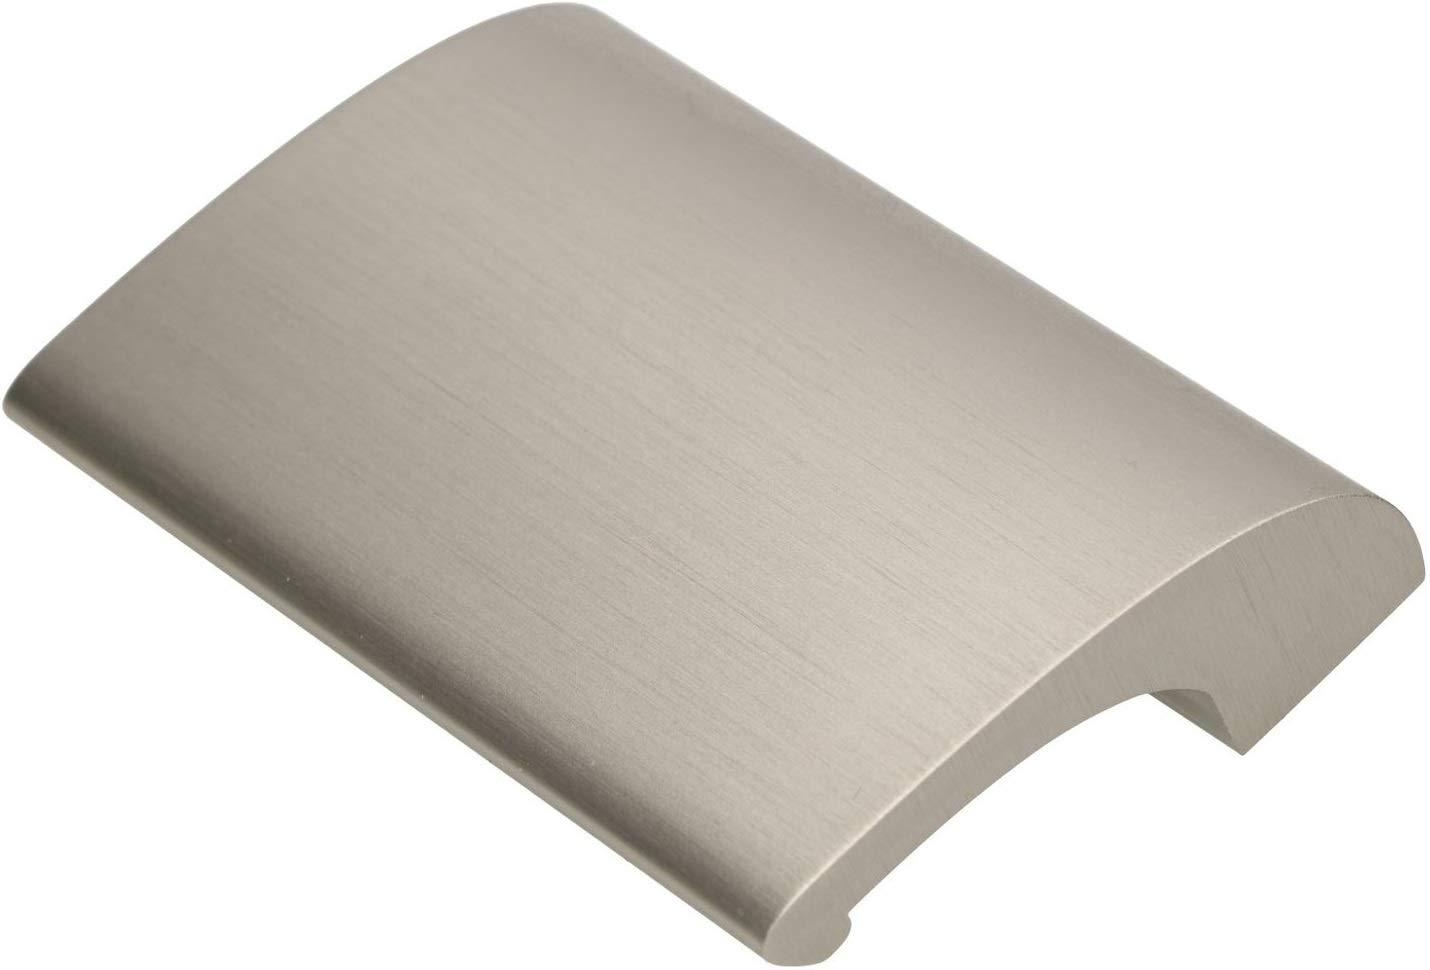 mango universal balc/ón seguro para fumar para cerrar la puerta KOTARBAU Tirador para puerta de balc/ón de aluminio para terraza